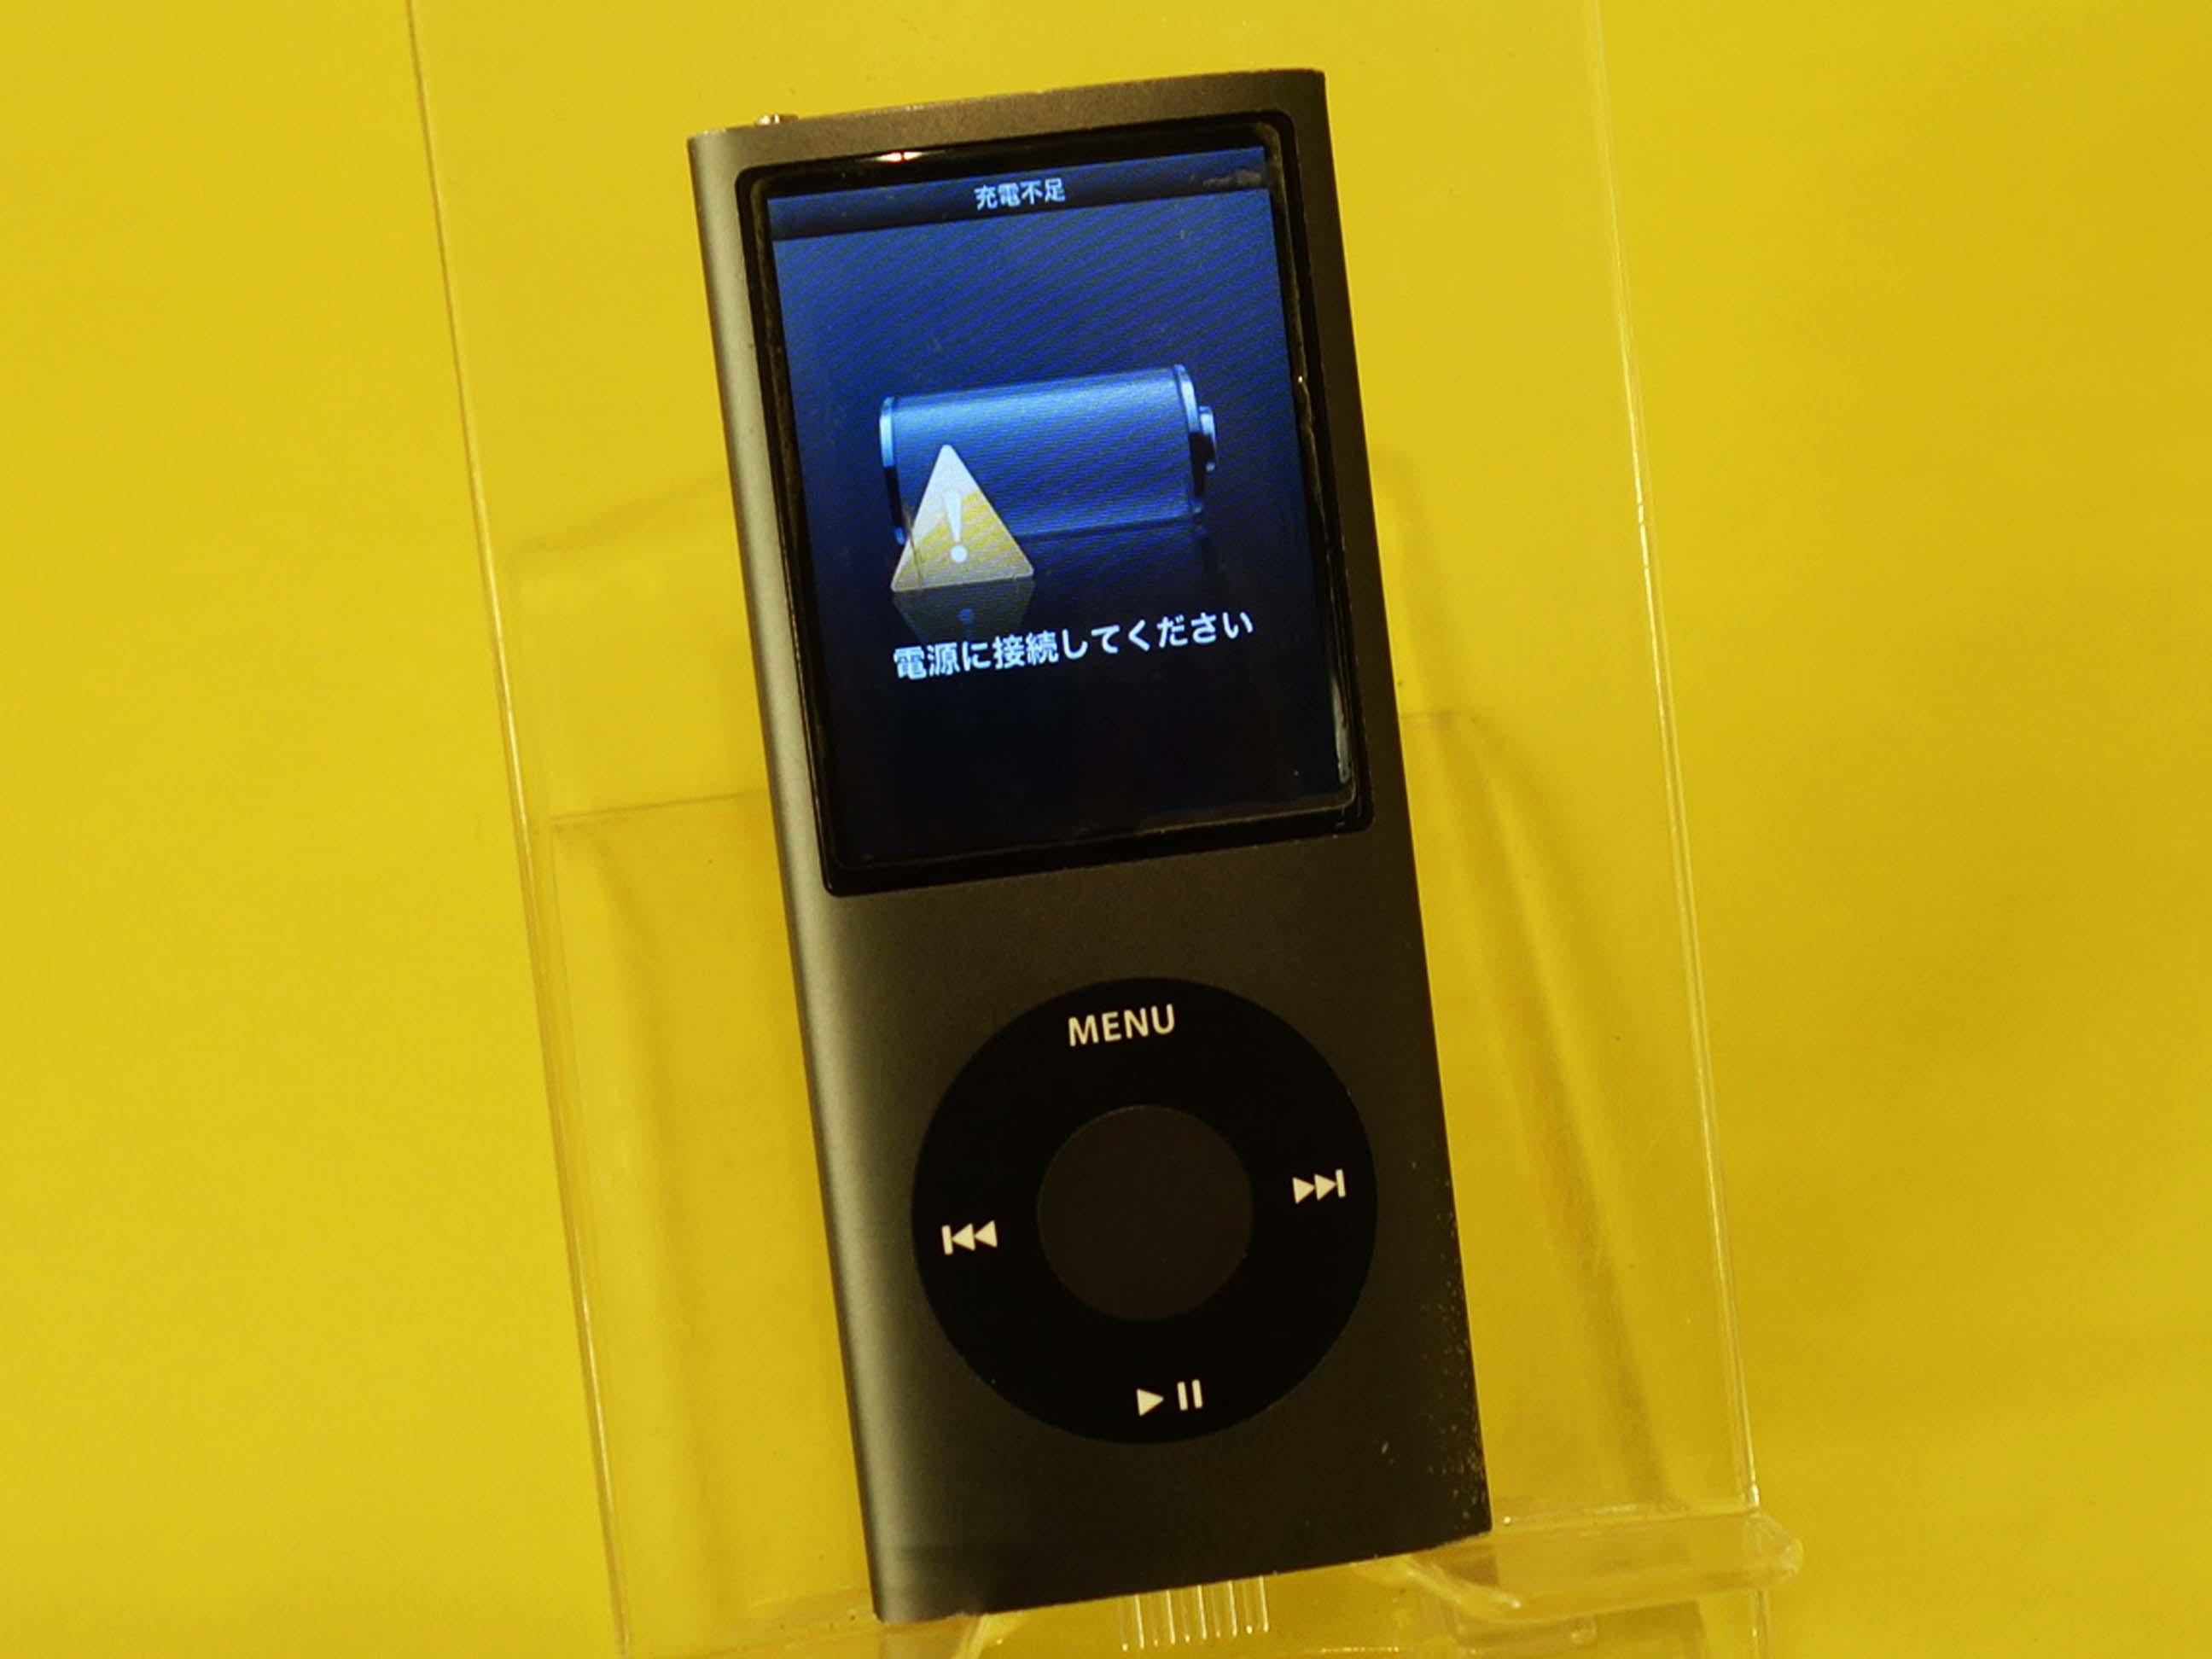 iPod nano4のバッテリー交換修理で岐阜市からご来店!アイポッド修理もクイック名古屋